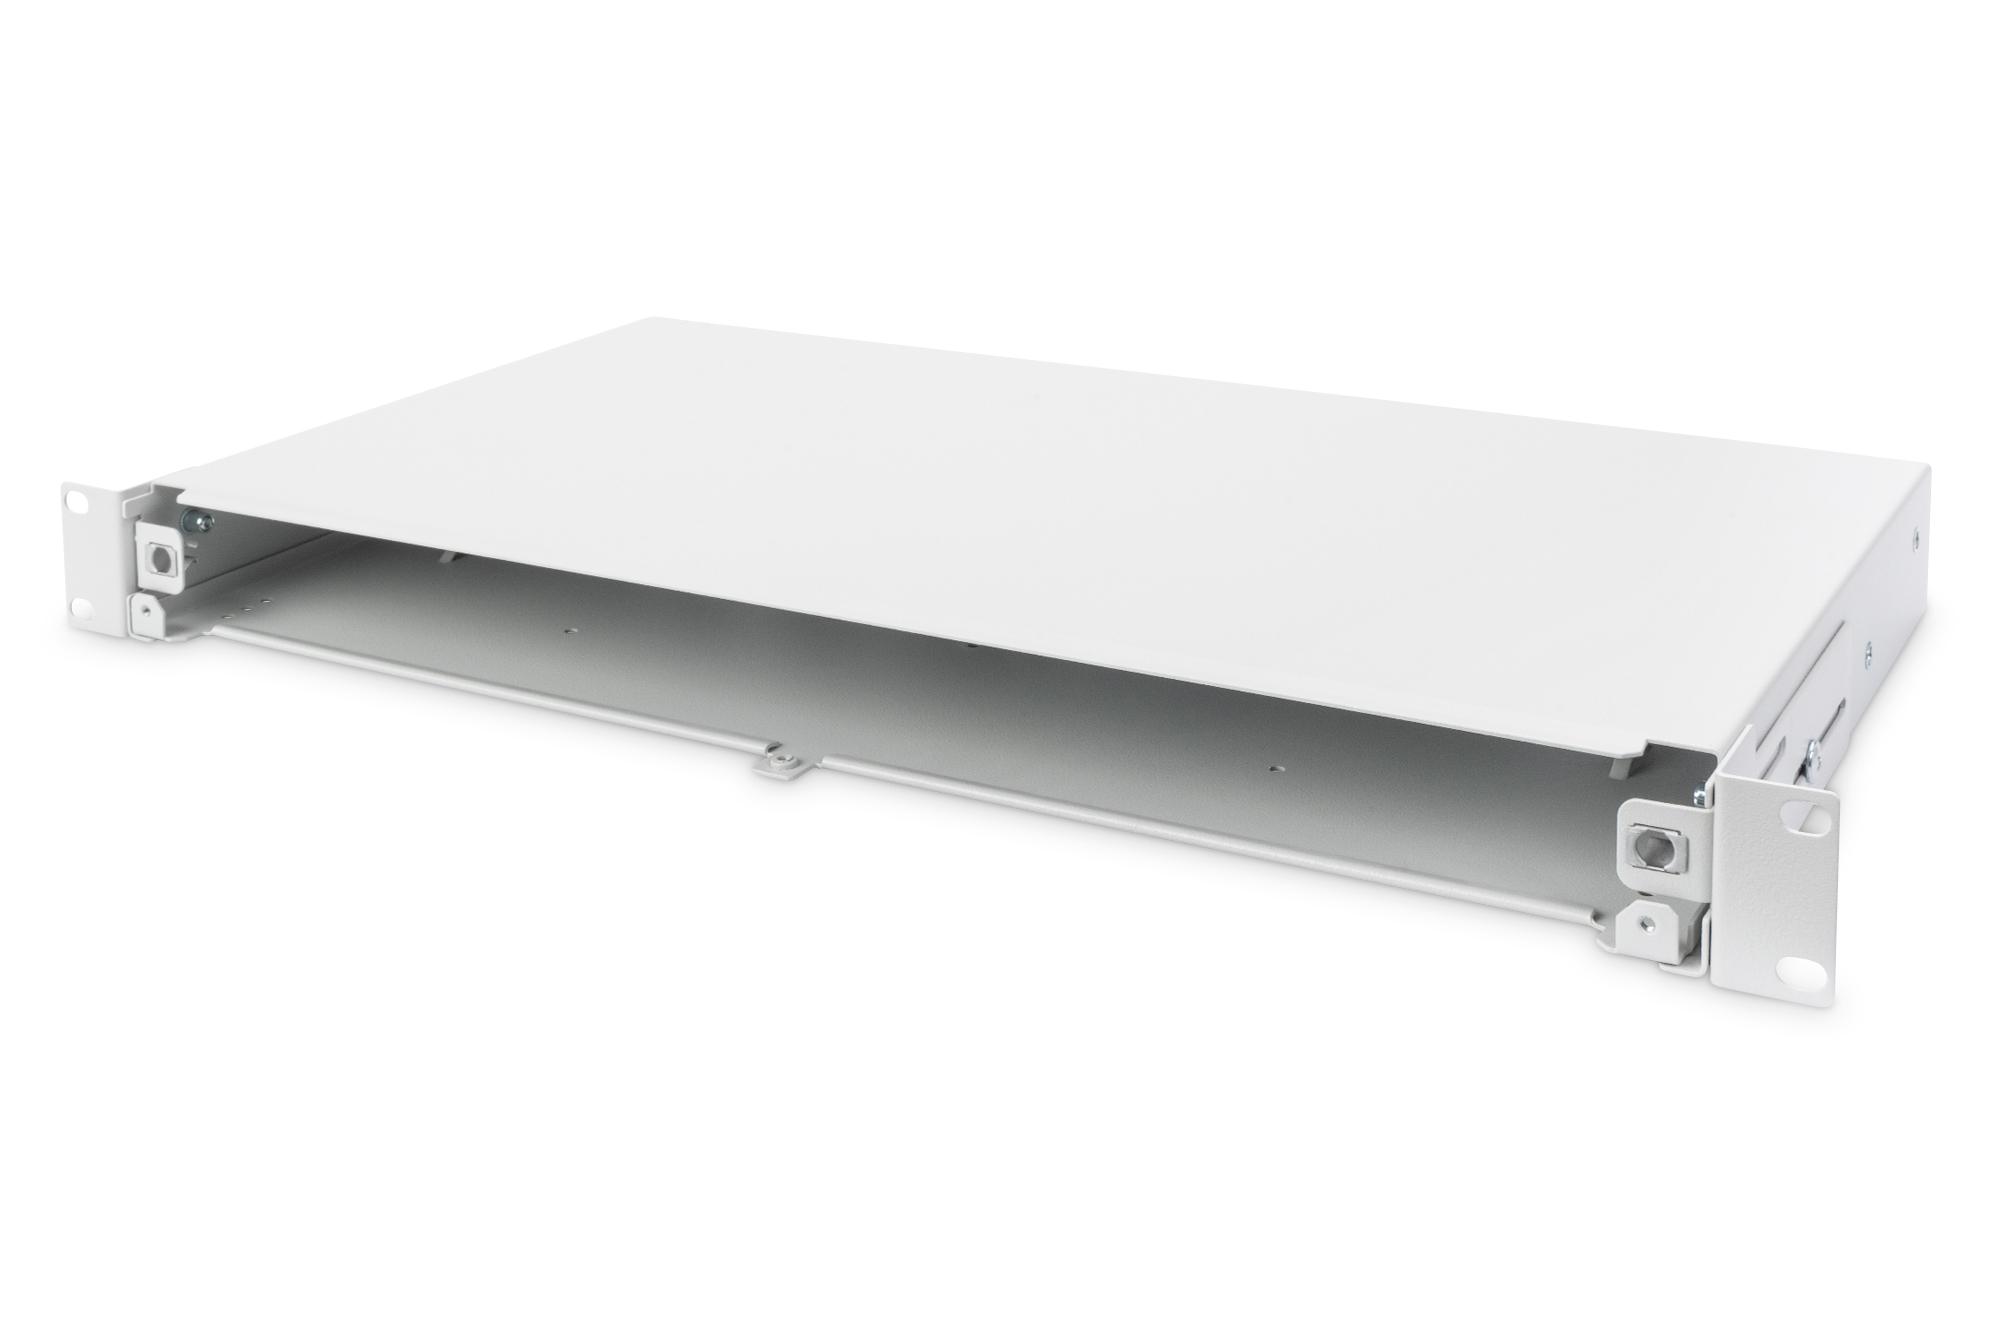 DIGITUS Fiber Optic Splice Box, extendible, quick lock